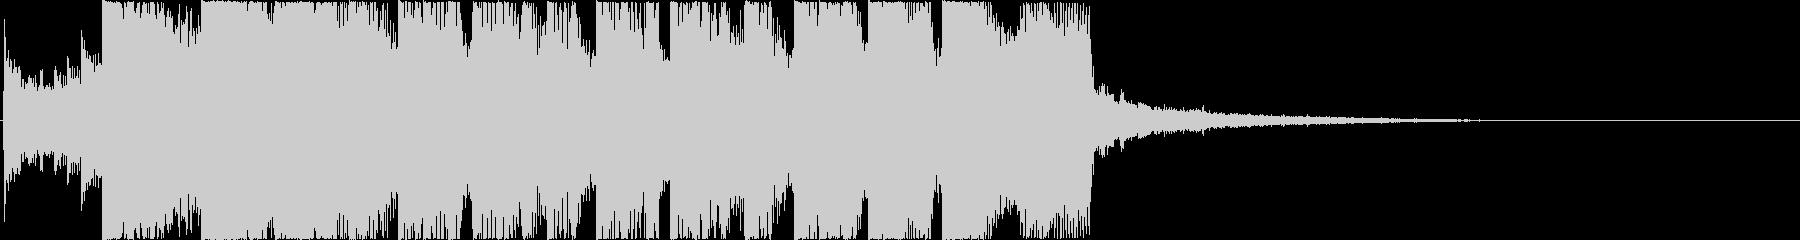 キラキラでポップなEDMジングル!の未再生の波形